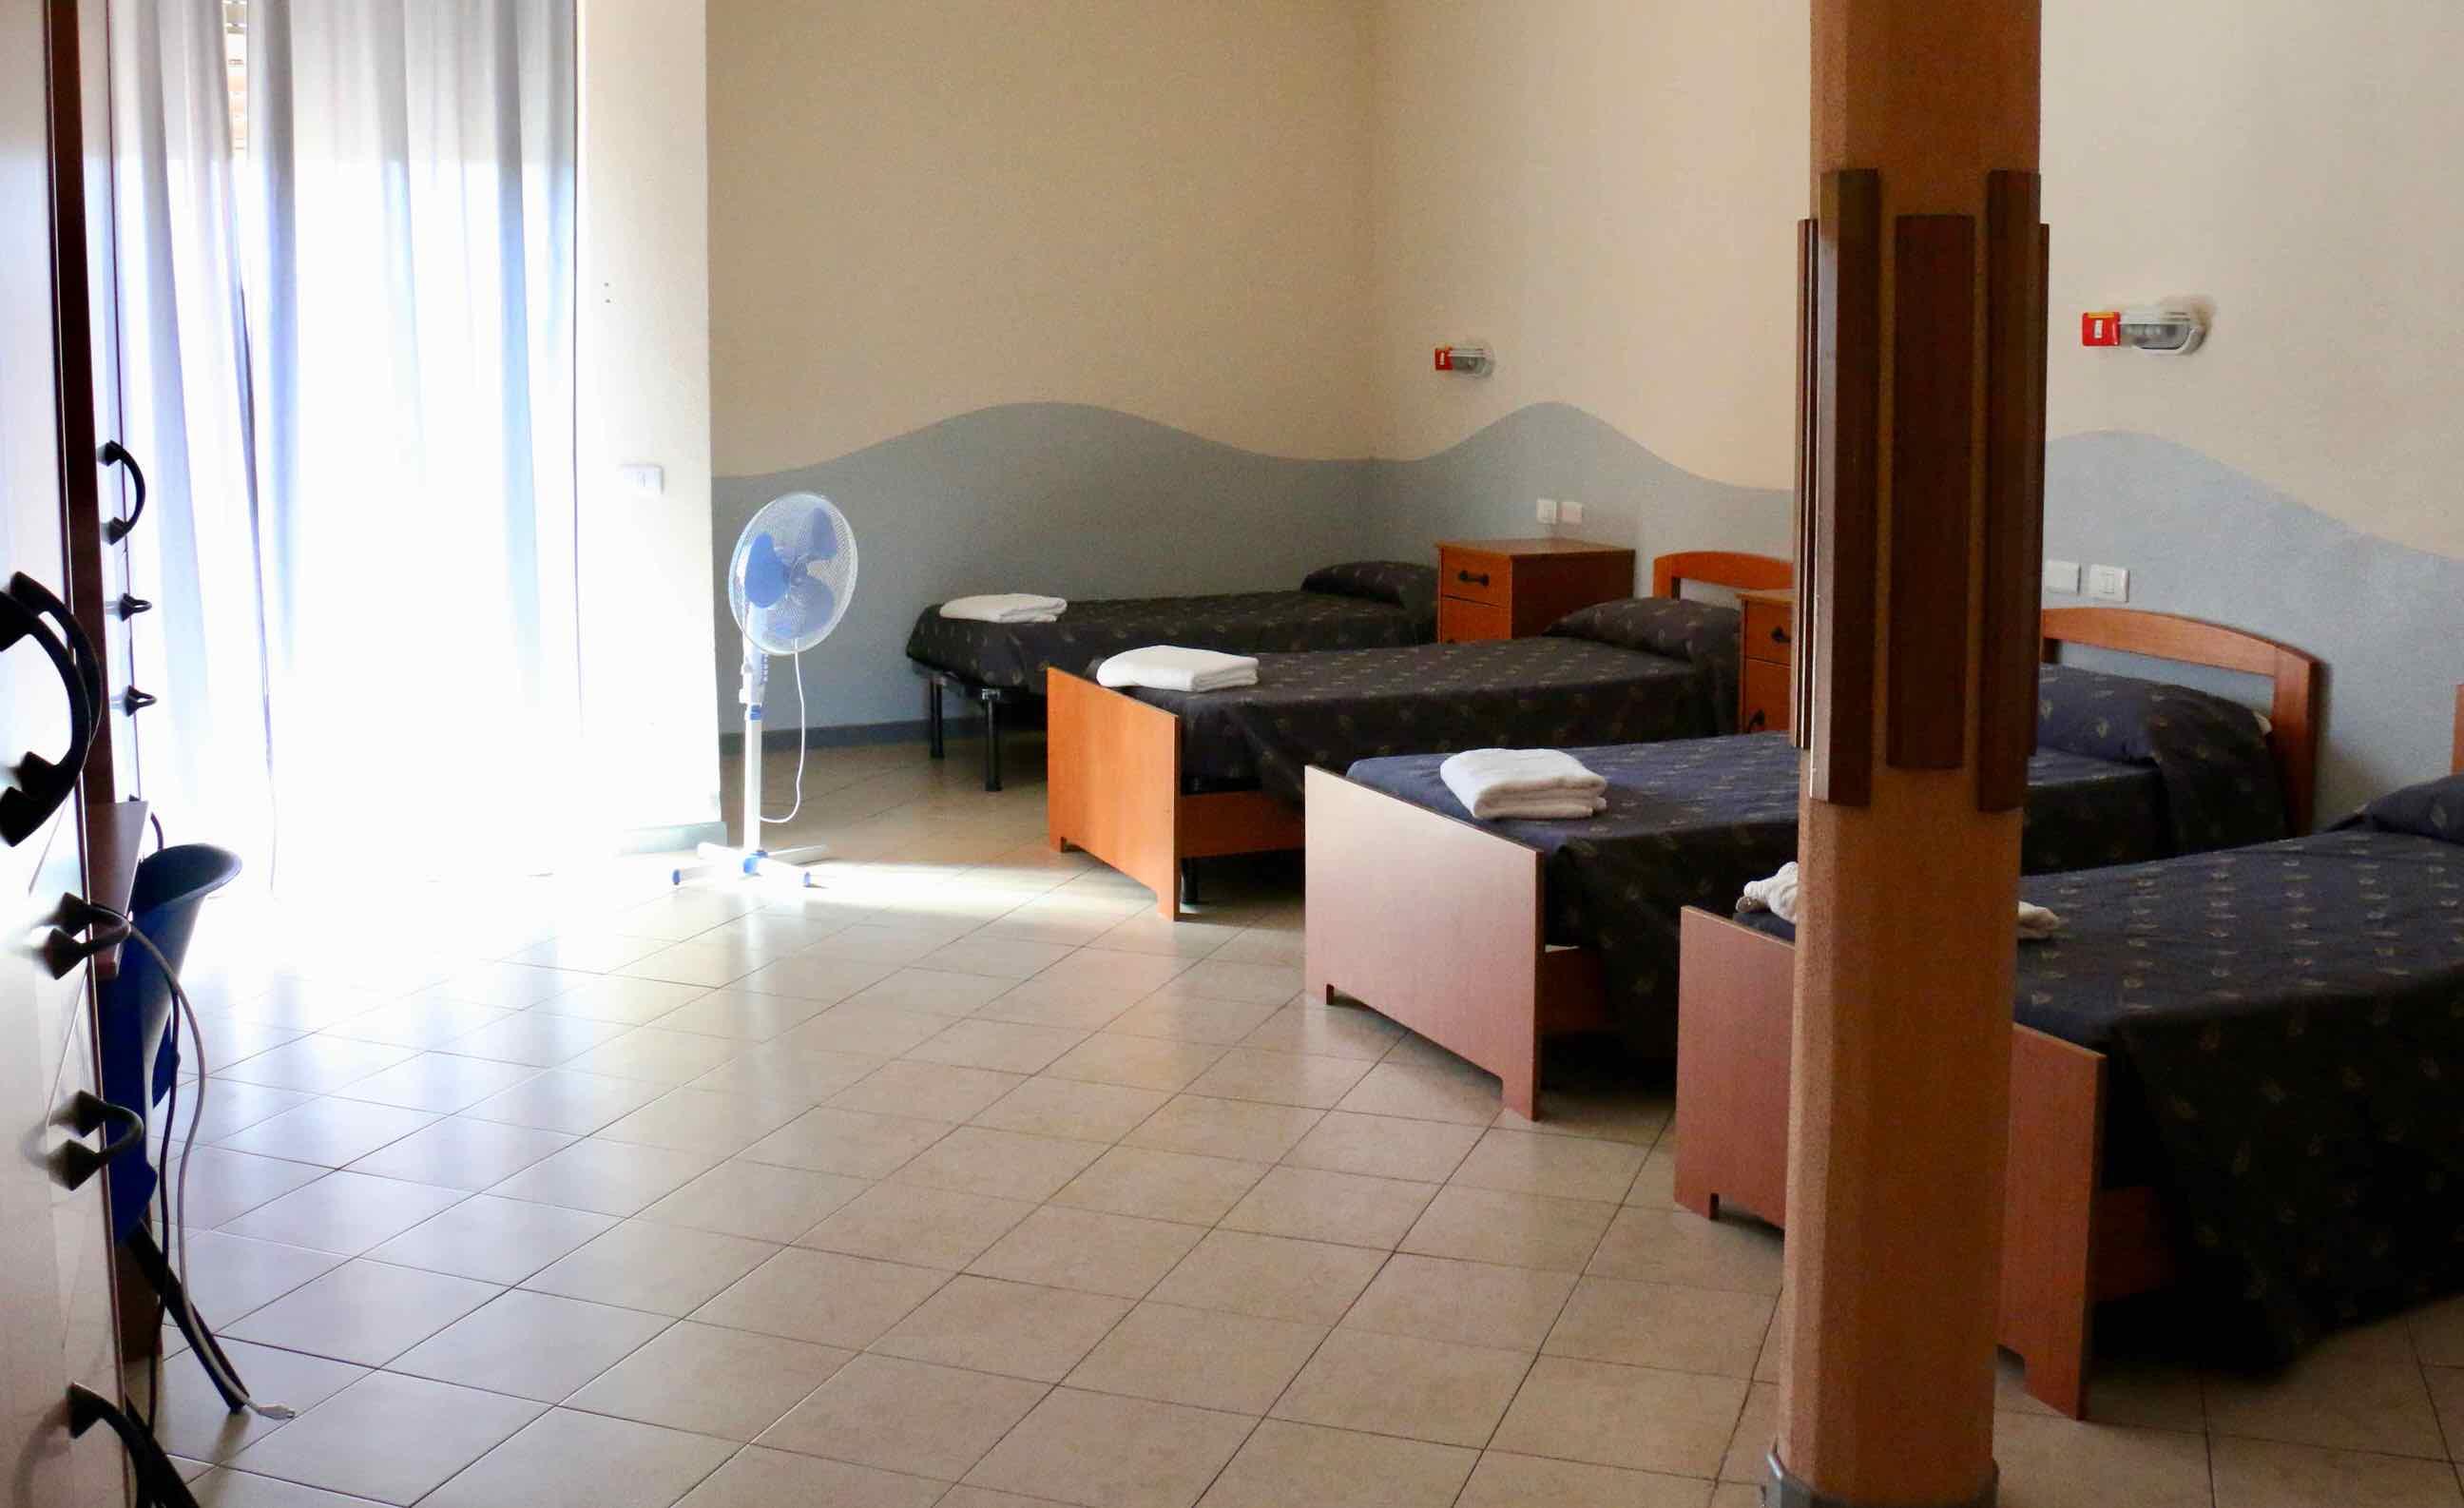 Casa per Ferie Villaggio Ospitale - Centro San Salvatore Villaggio del Ragazzo - 6